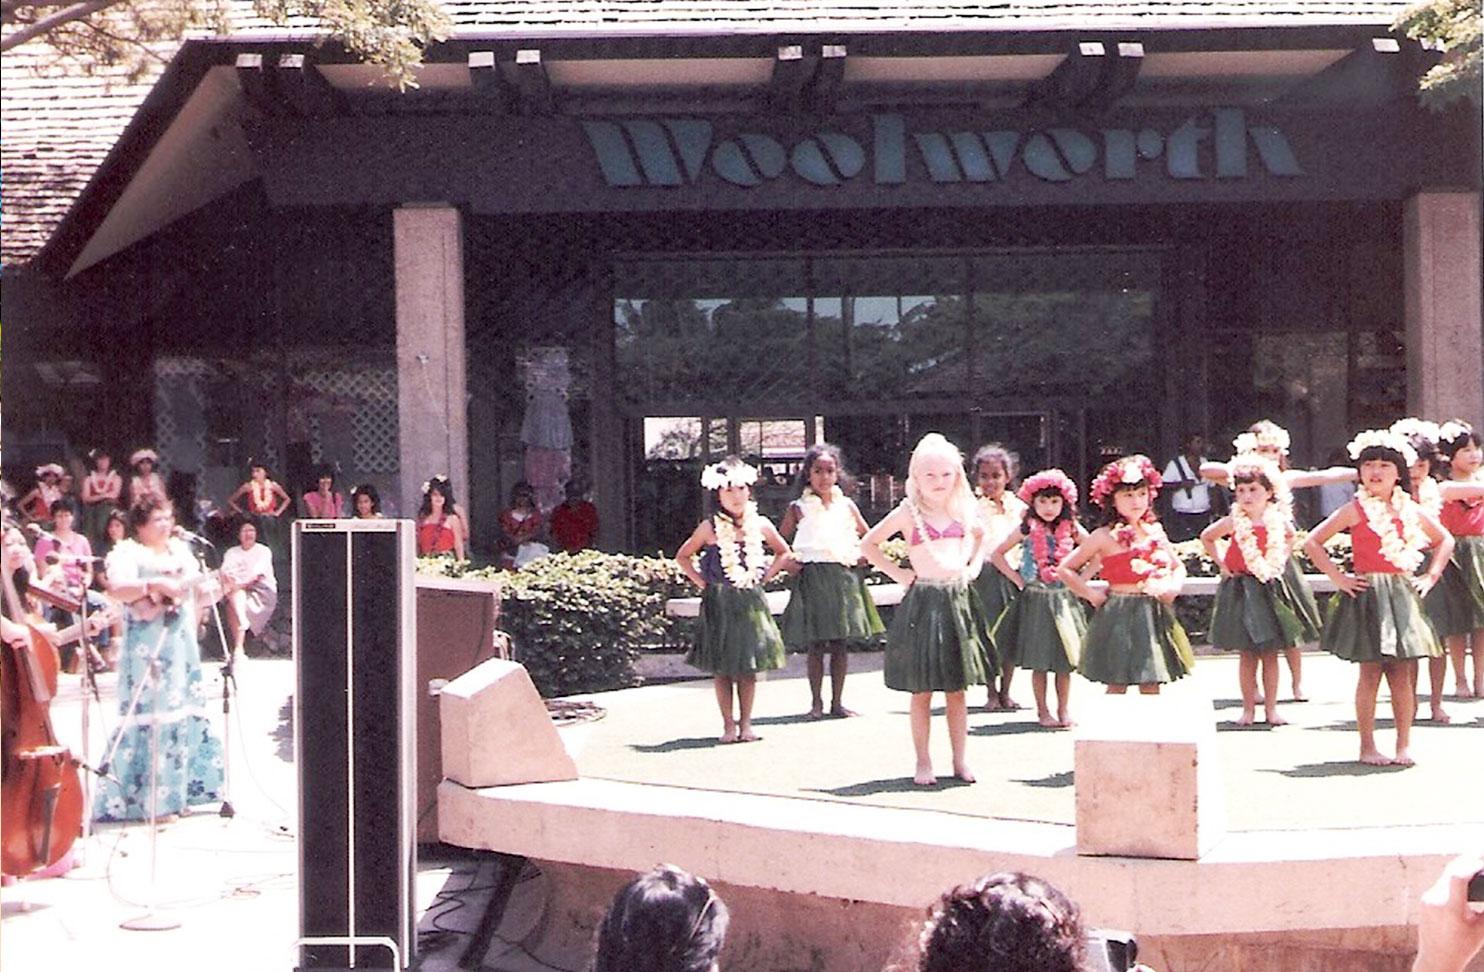 Maui Mall 1980s